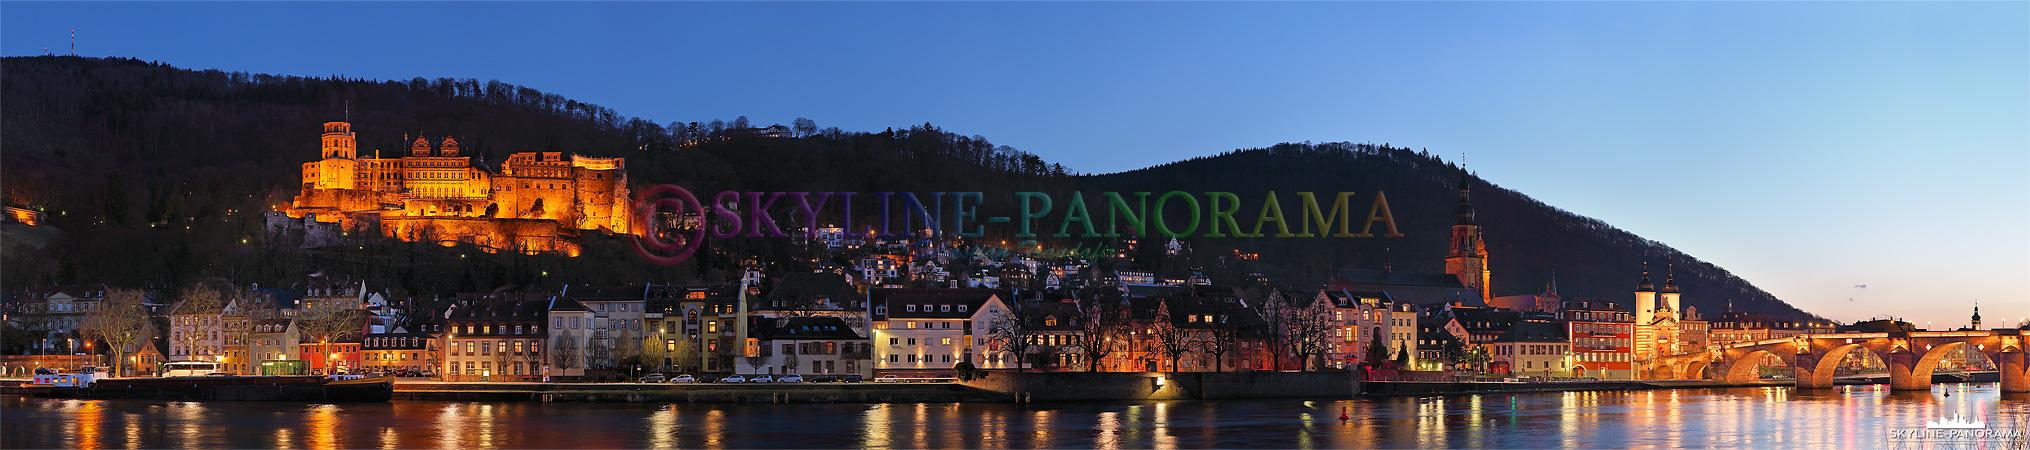 Panorama Heidelberg - Die abendliche Ansicht auf die historische Altstadt von Heidelberg mit dem beleuchteten Schloss und der Alten Brücke.